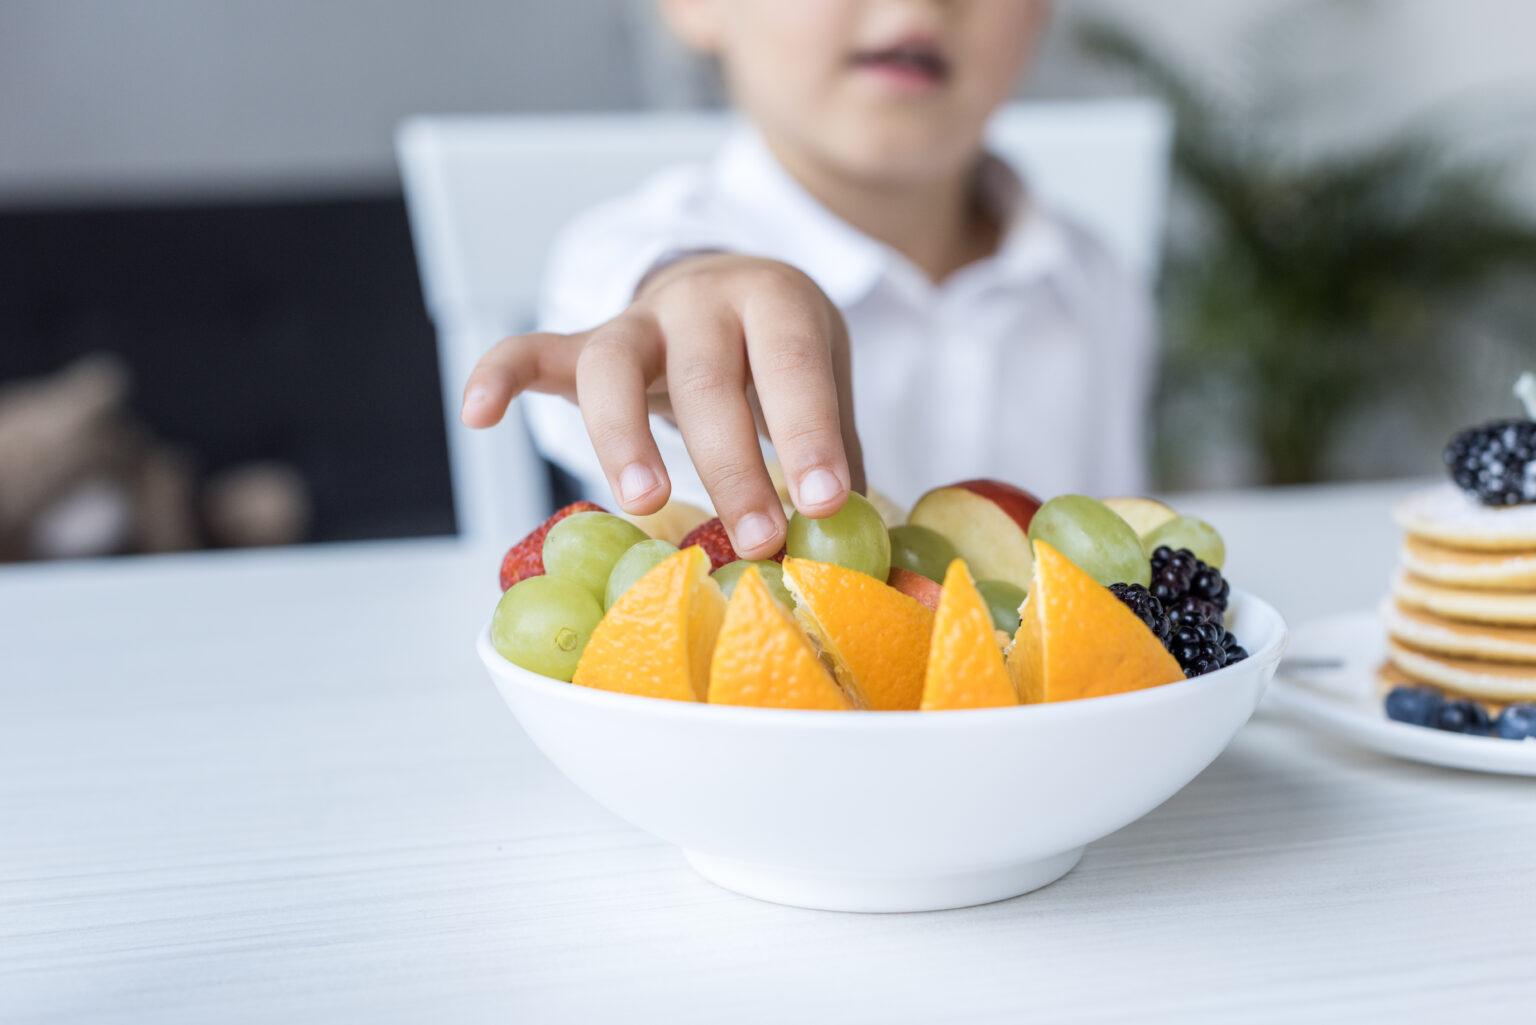 Dicas para seu filho comer mais frutas, legumes e verduras